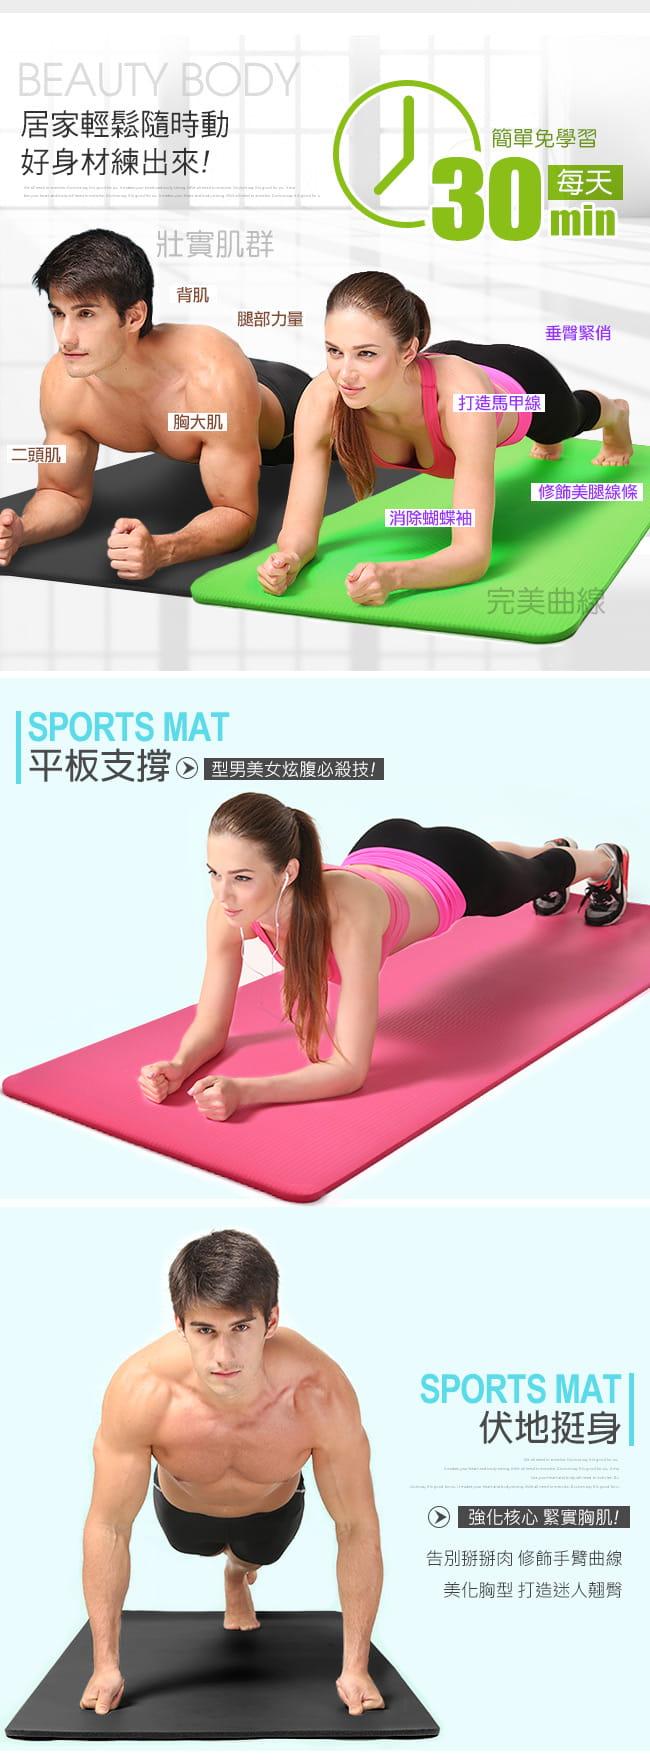 加厚20MM健身墊(送束帶) 瑜珈墊止滑墊防滑墊運動墊遊戲墊 4